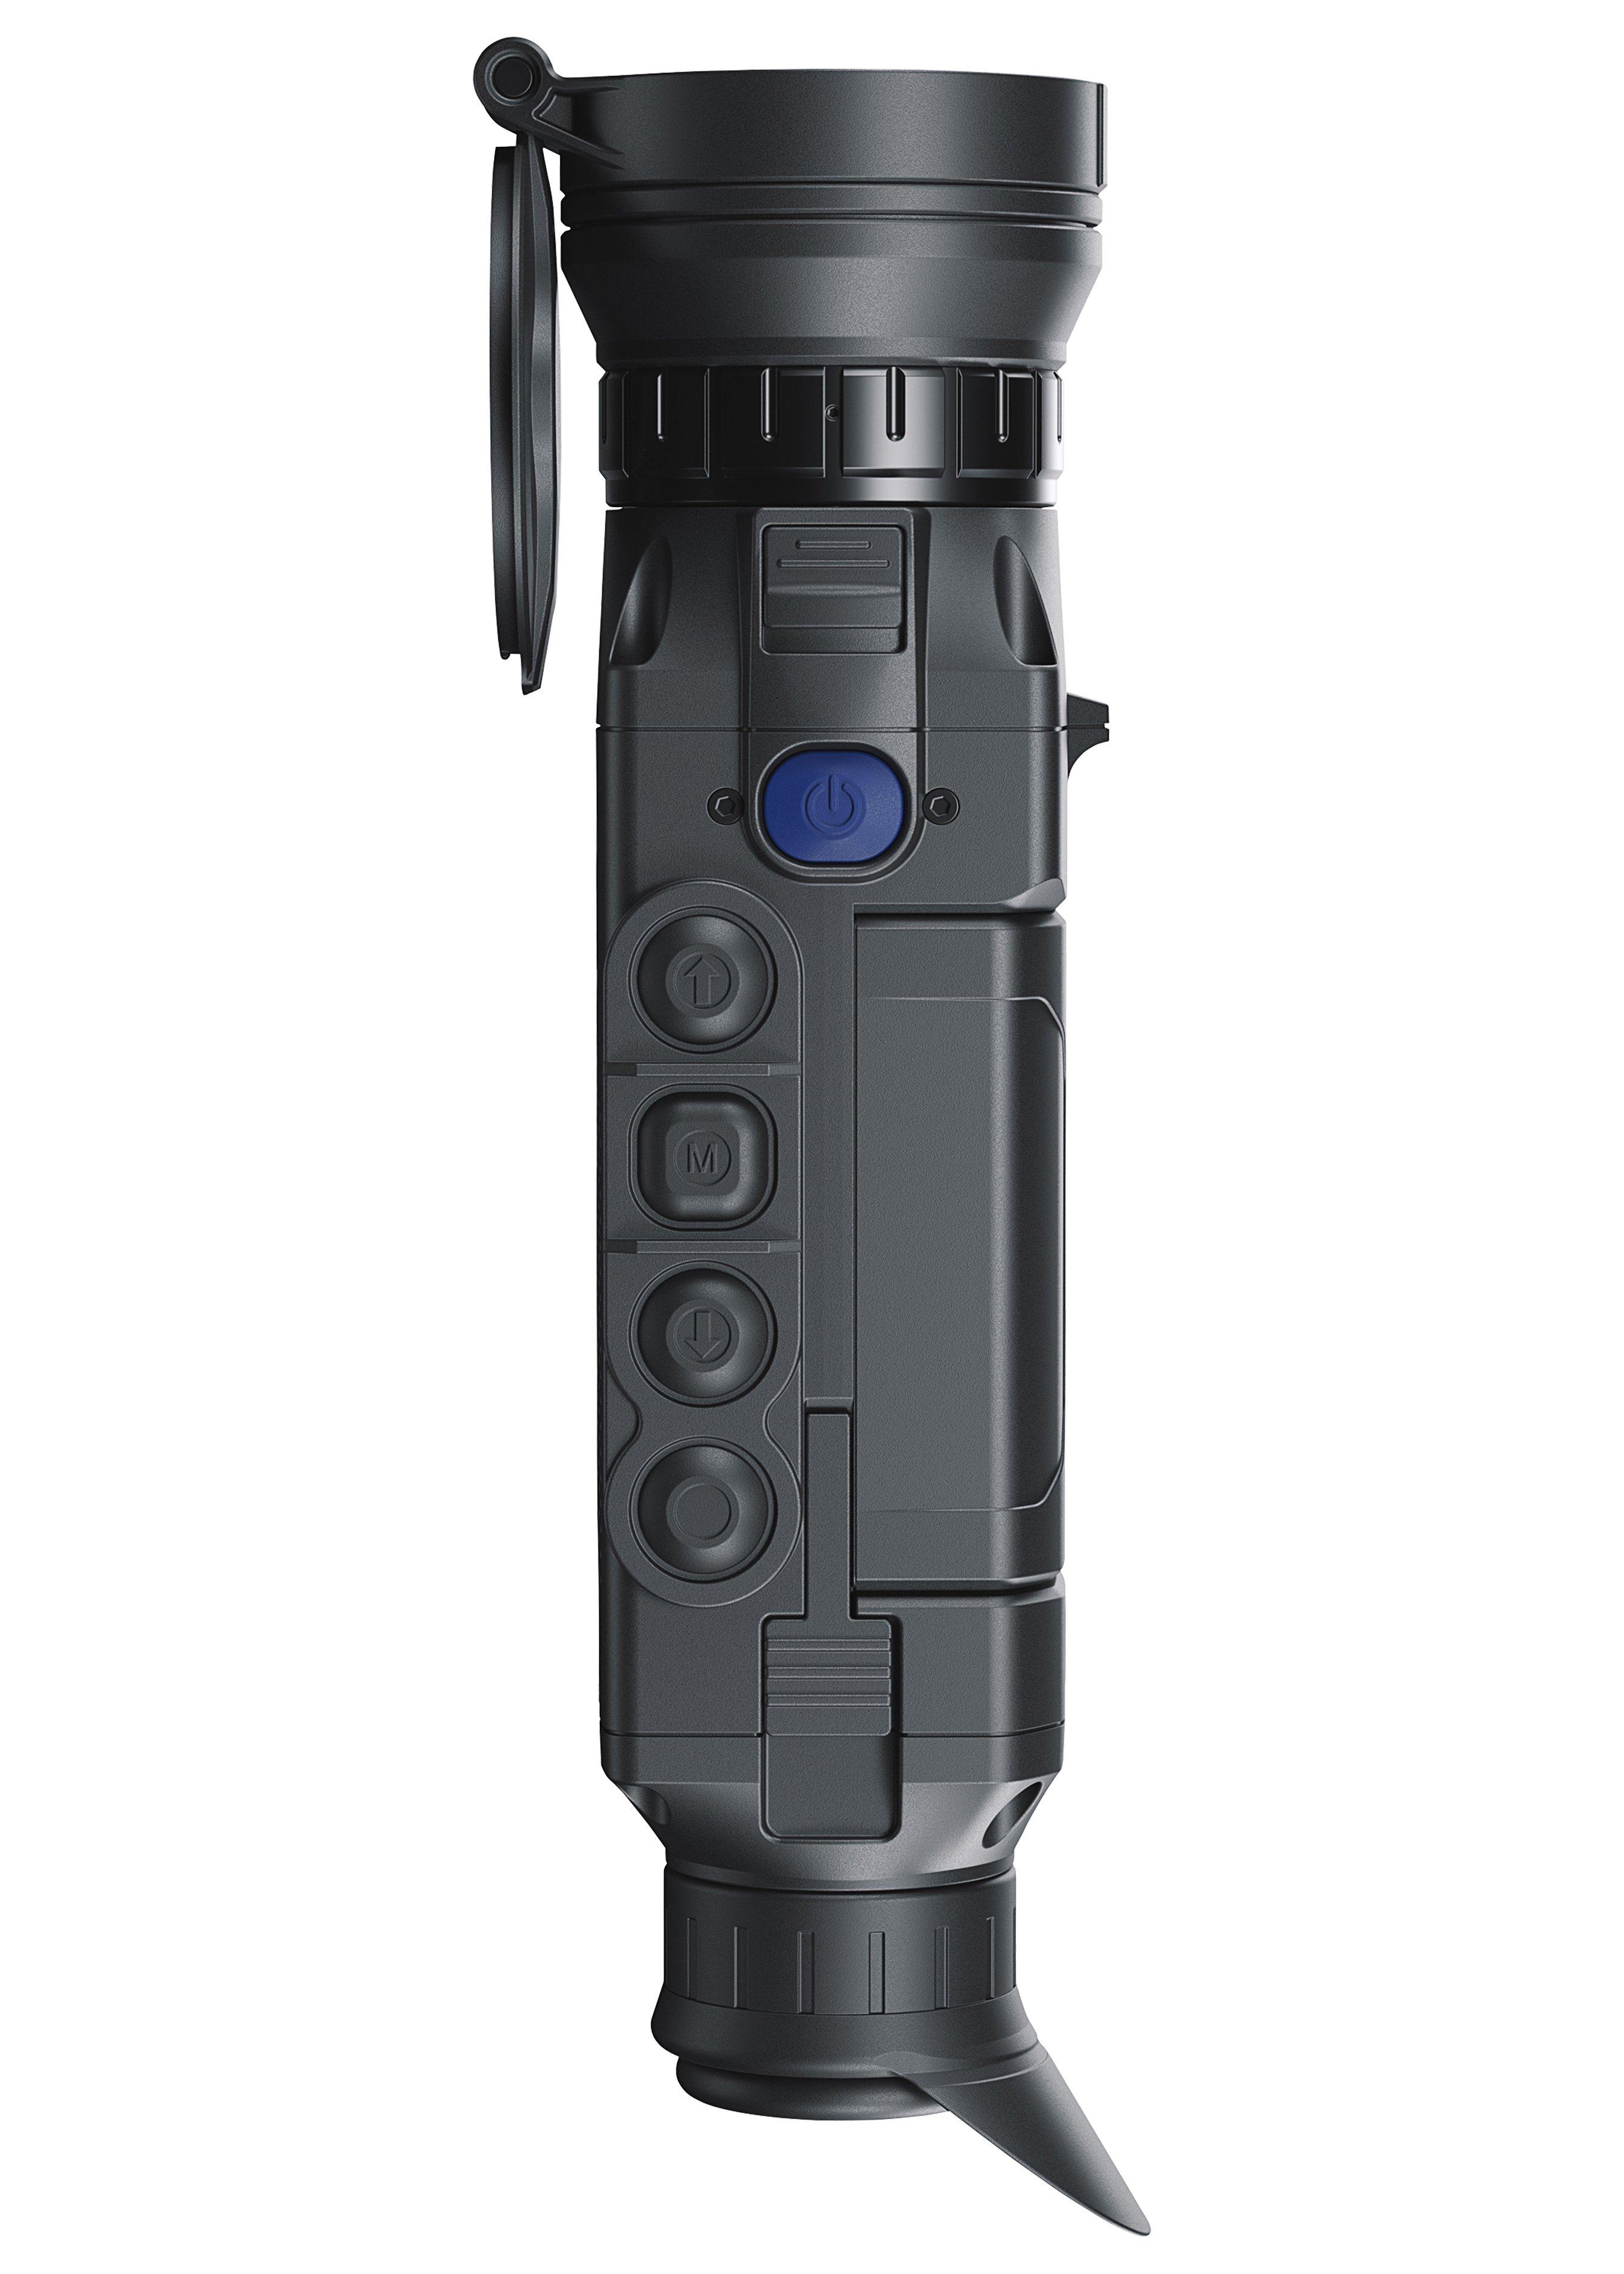 Caméra thermique Helion-2 XP50 199910 3